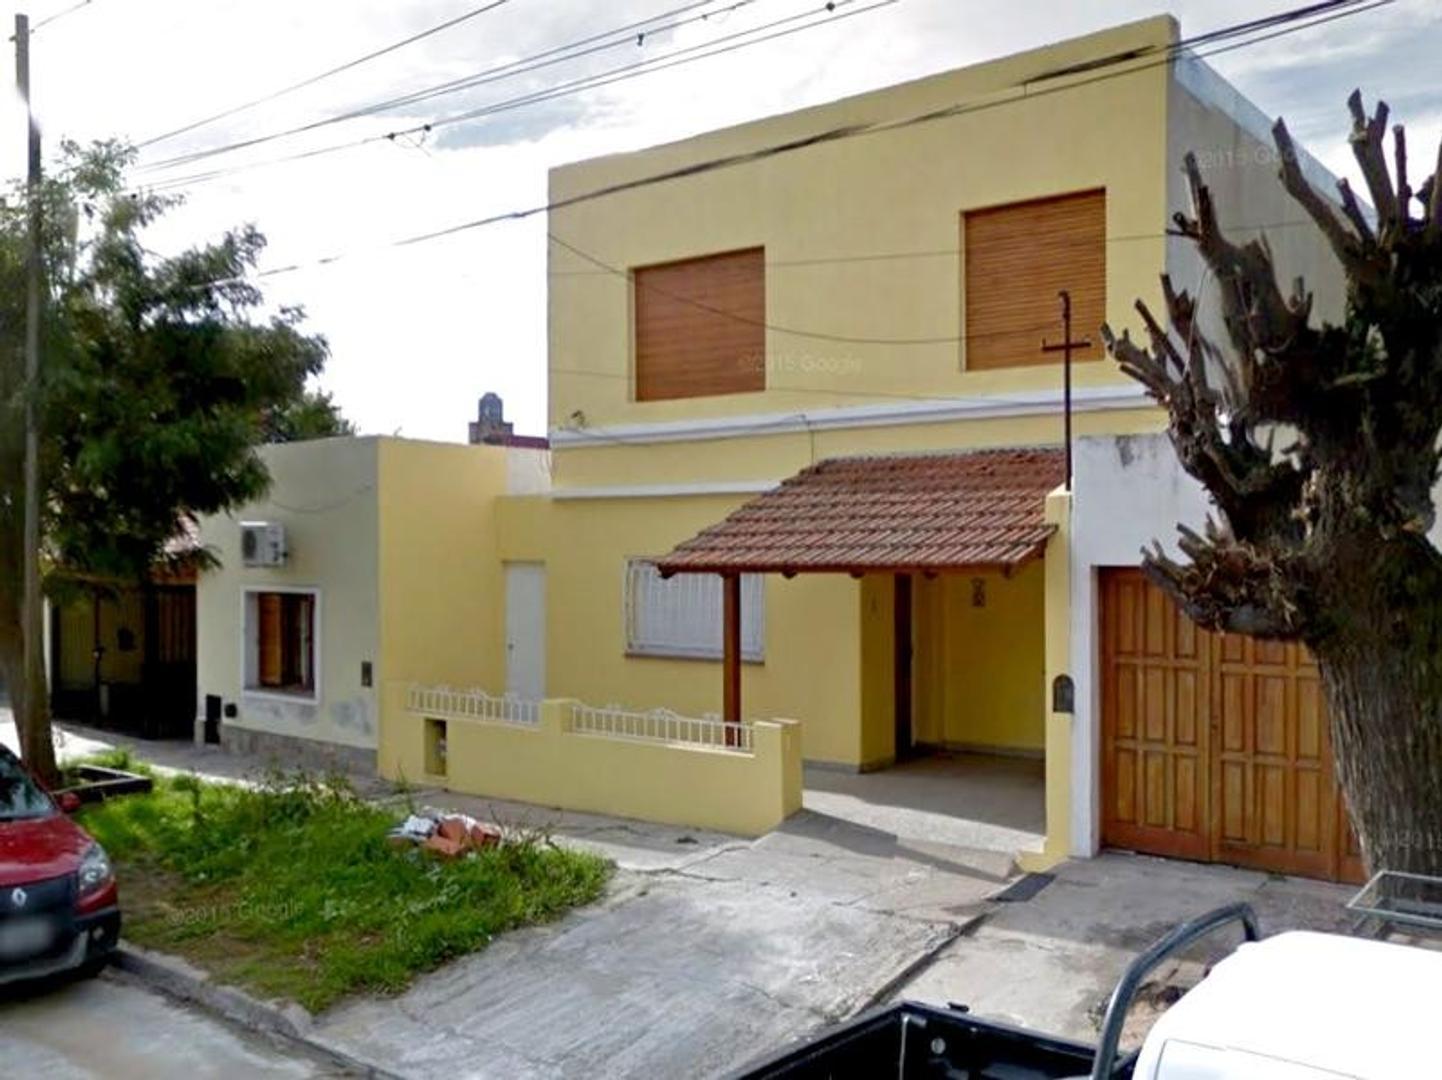 Casa en Venta Campana zona céntrica. 3 dormitorios. Construccion depto independiente planta alta